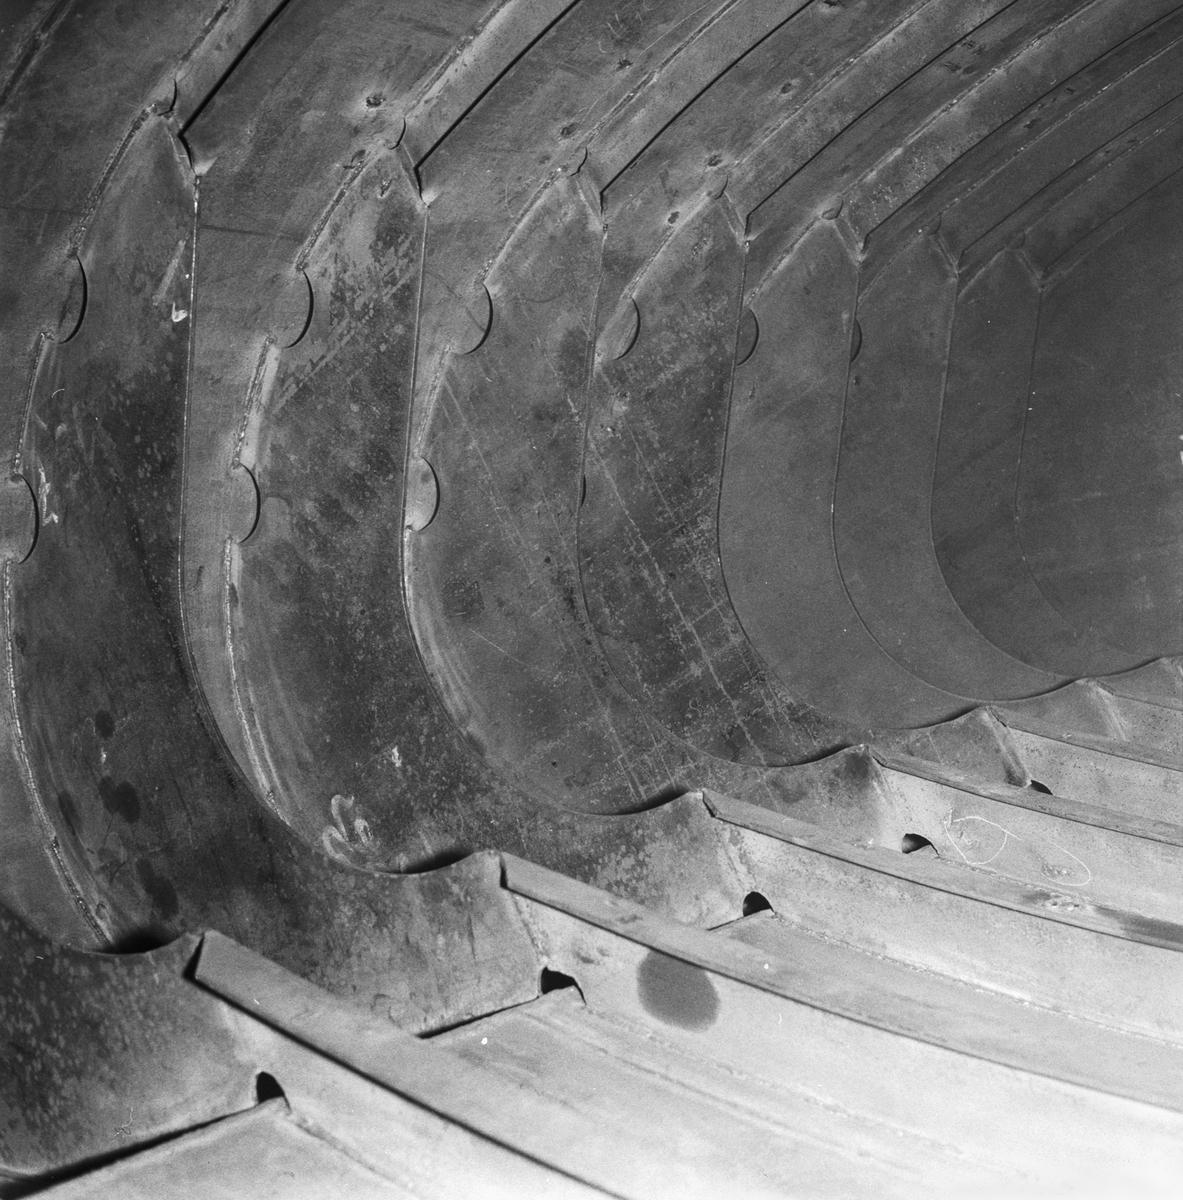 Övrigt: Foto datum: 7/2 1954 Byggnader och kranar Pannverkstan vattenbehållare